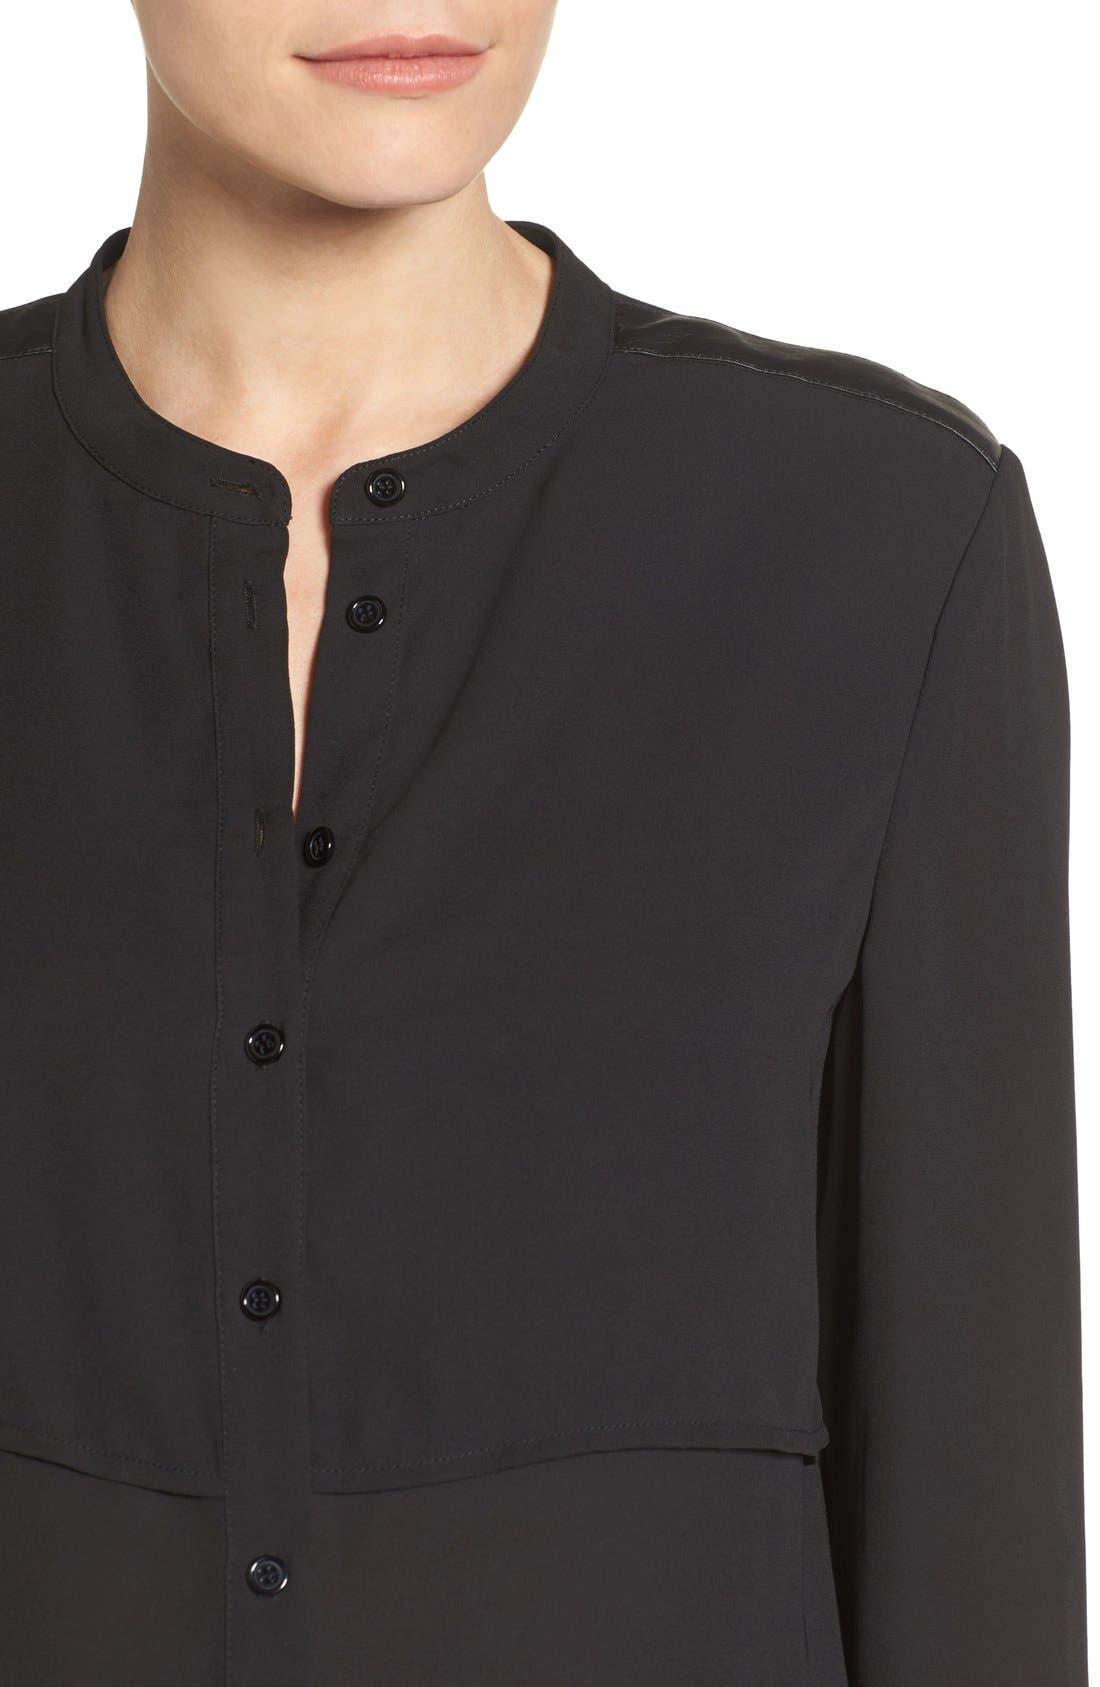 Jenni Maternity/Nursing Shirt,                             Alternate thumbnail 7, color,                             BLACK